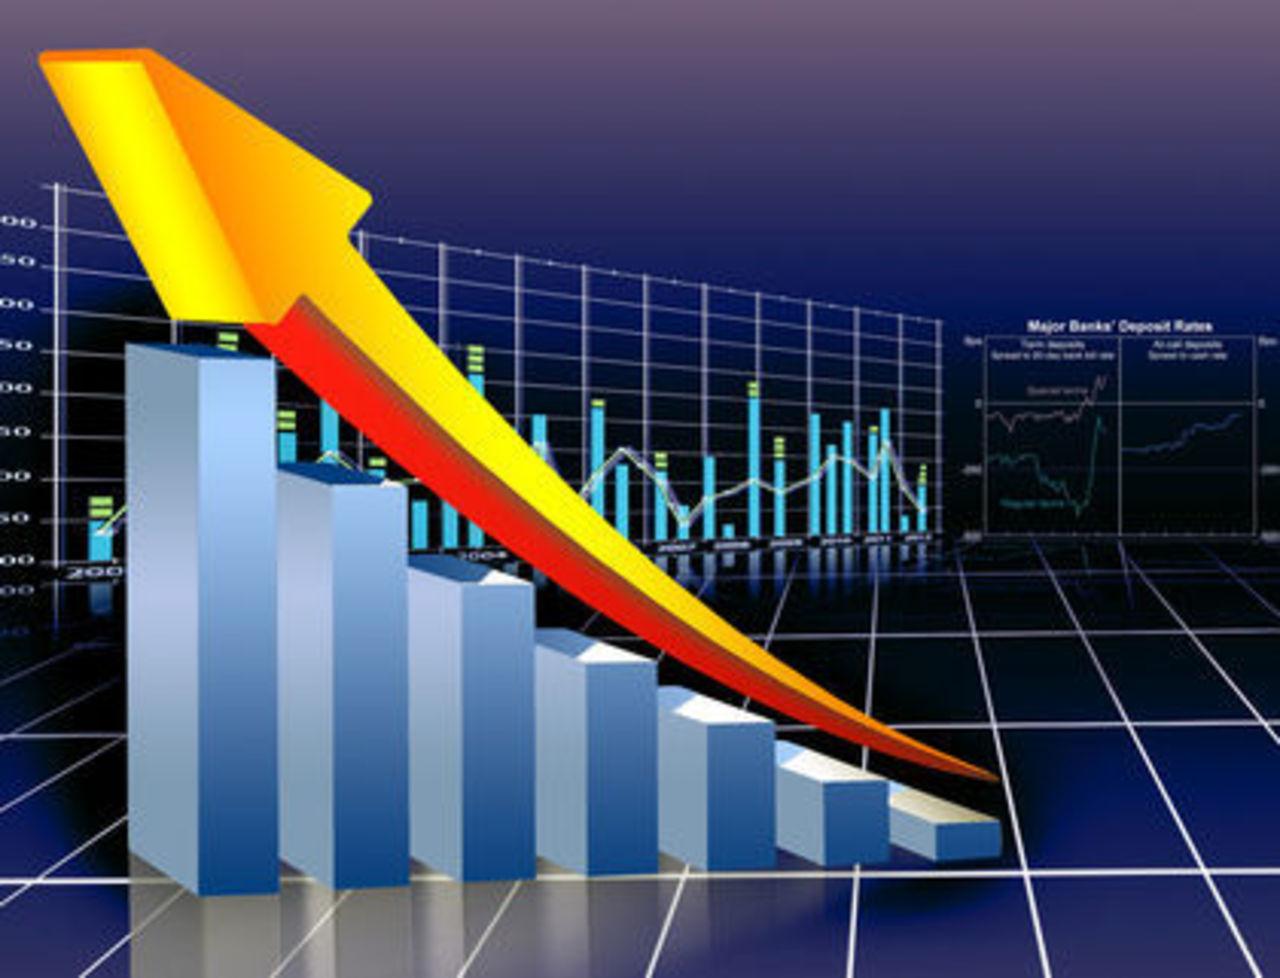 Ασύμμετρες μακροοικονομικές εξελίξεις